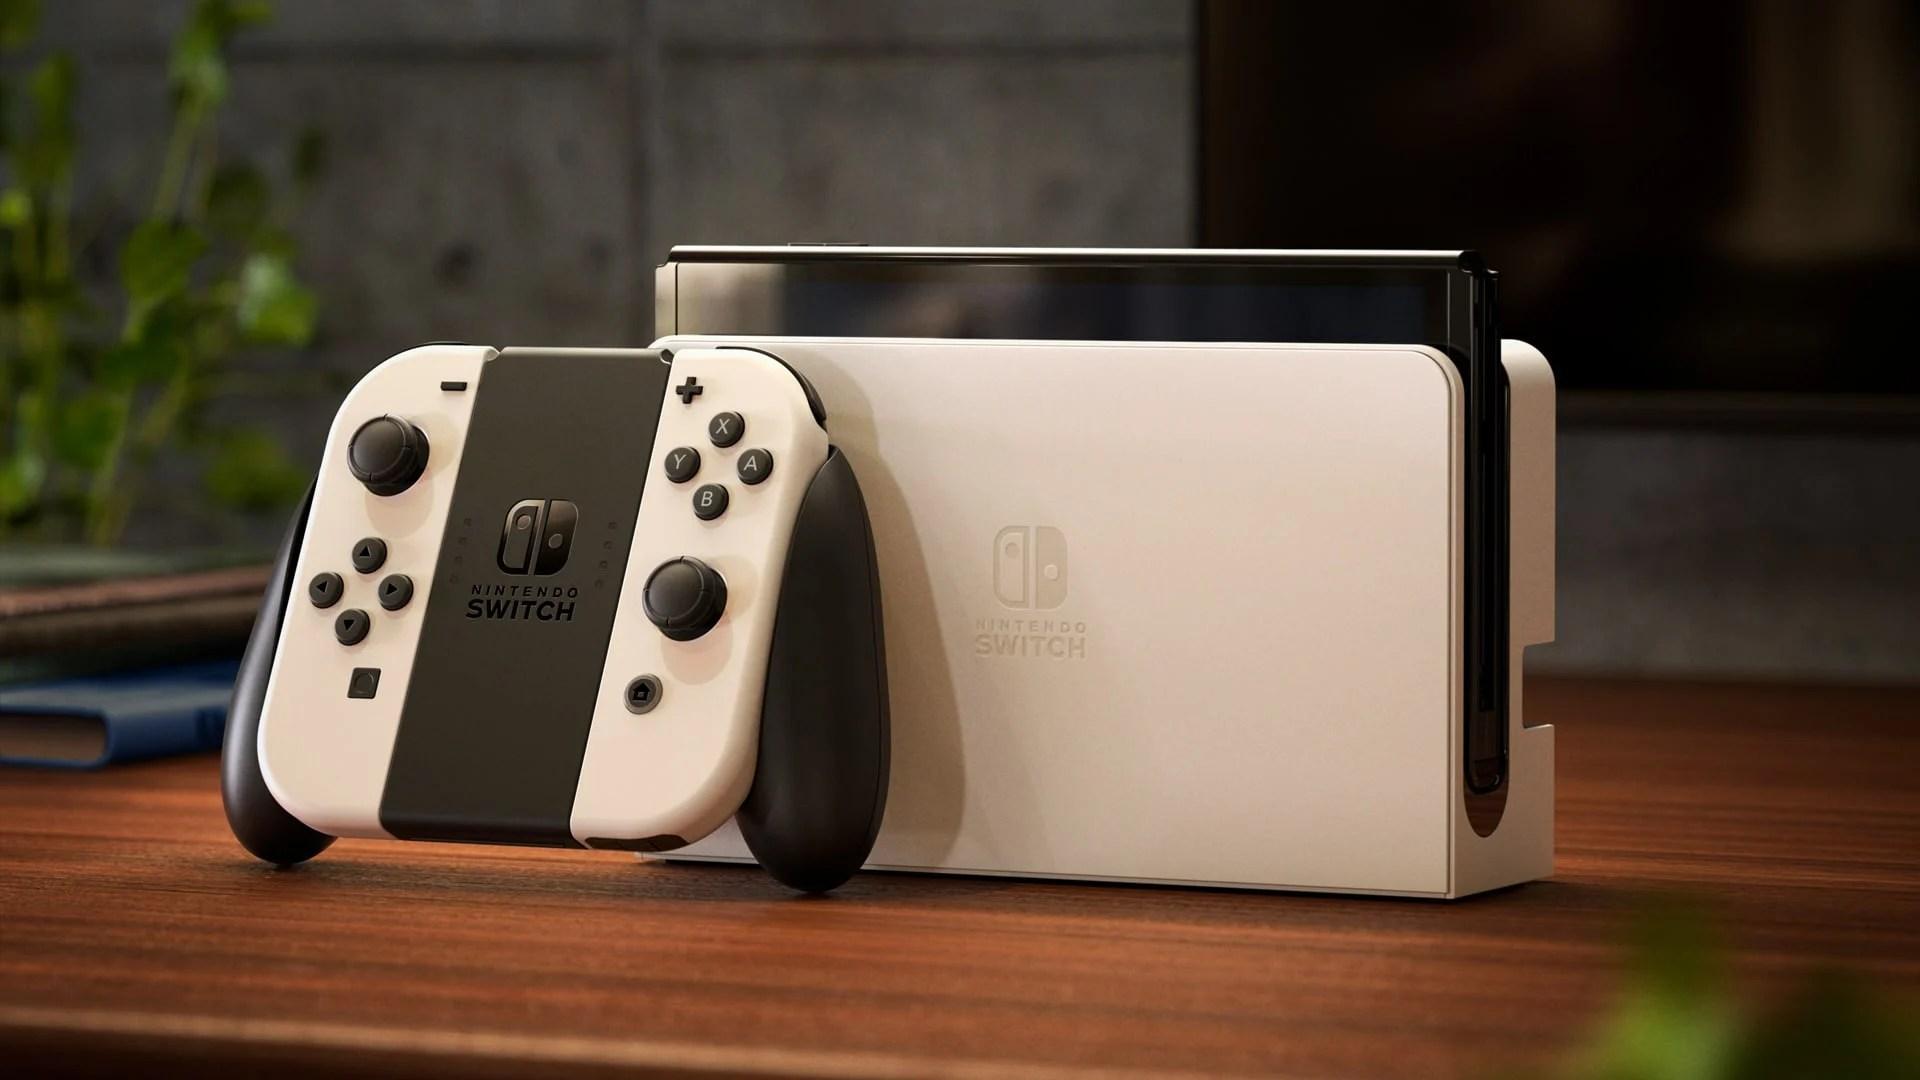 La Nintendo Switch Oled enfin, Free «Flex» et un service TV pour Samsung Galaxy —L'essentiel de l'actu de la semaine